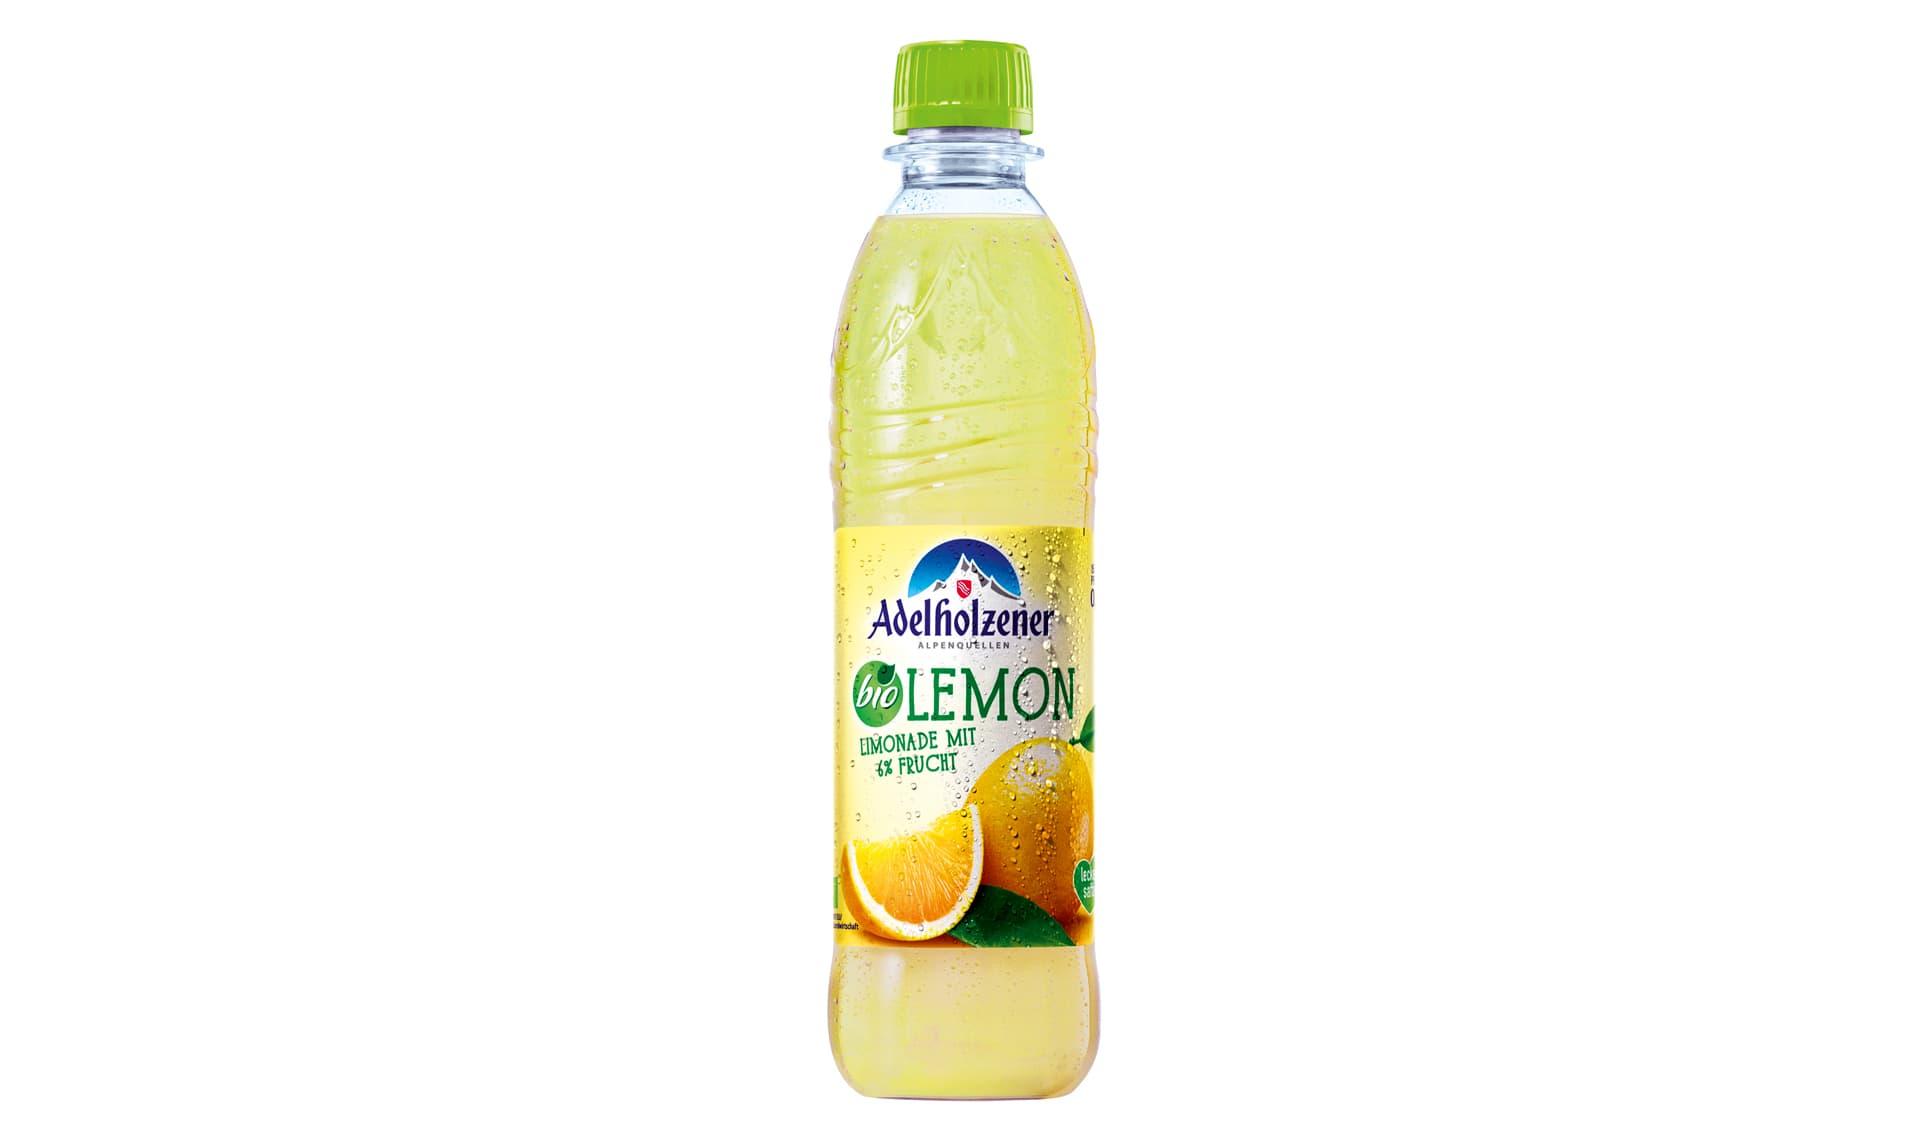 Adelholzener bio Lemon (www.adelholzener.de)